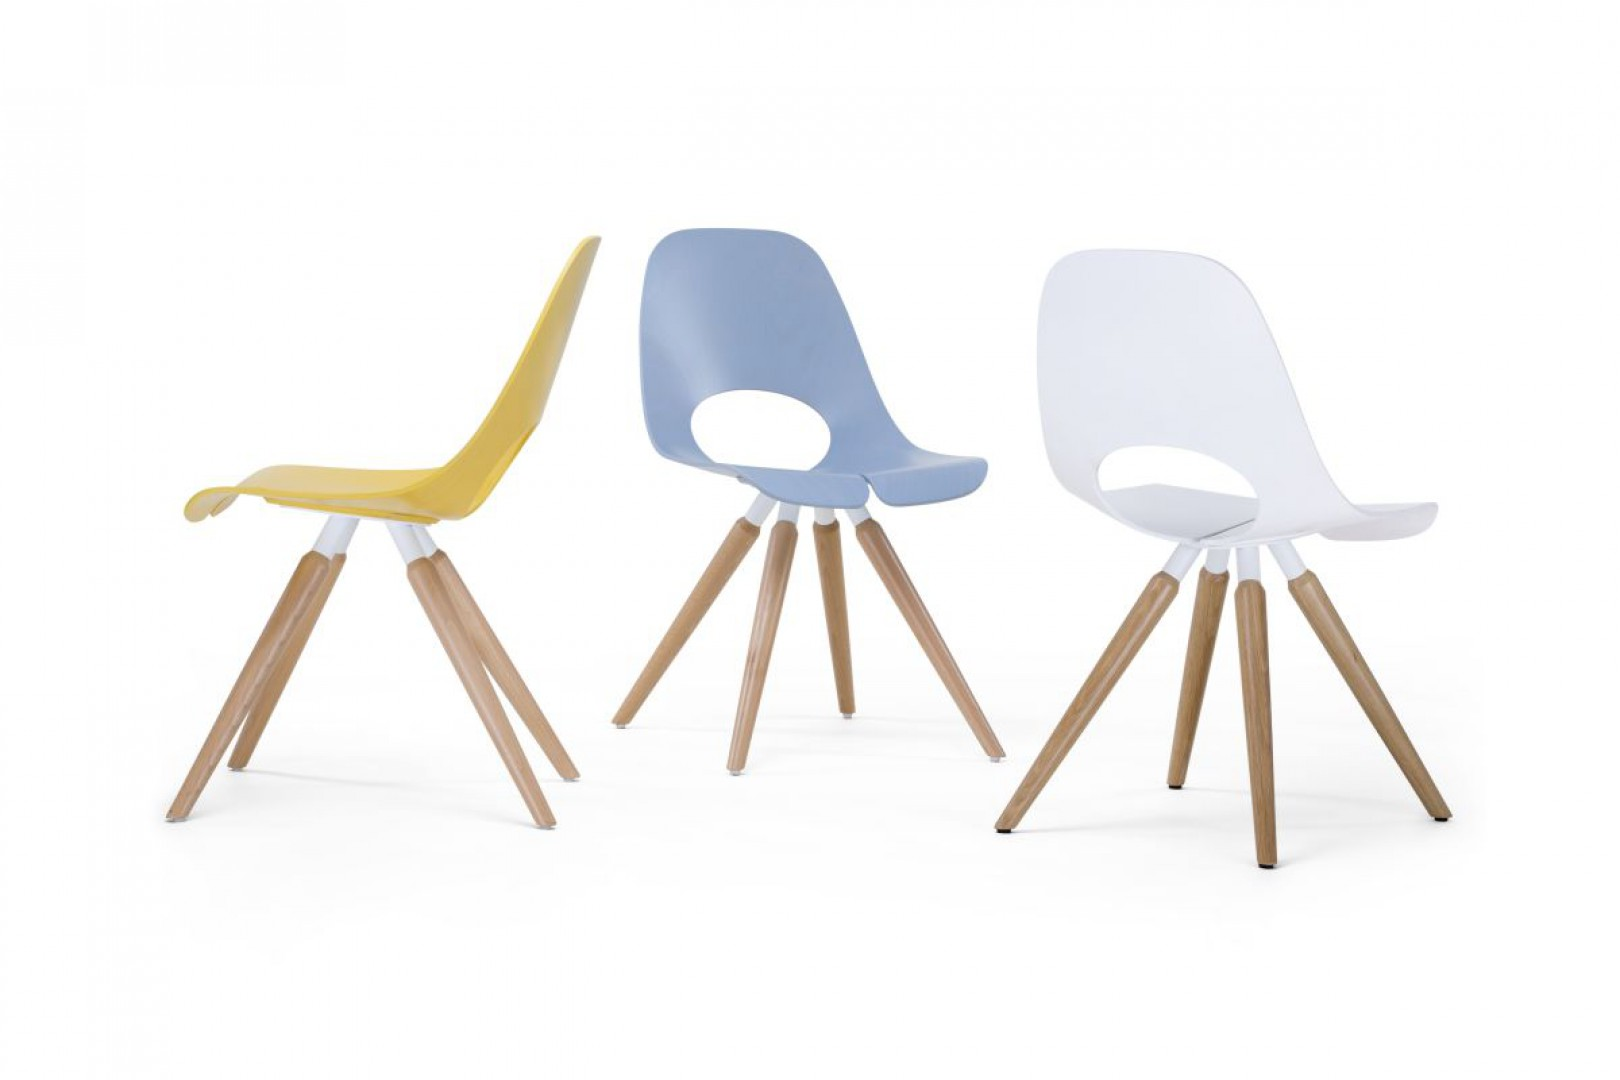 Krzesła z kolekcji Tauko zostały zaprojektowane przez Przemysława Mac Stopę dla Grupy Nowy Styl. Fot. Grupa Nowy Styl